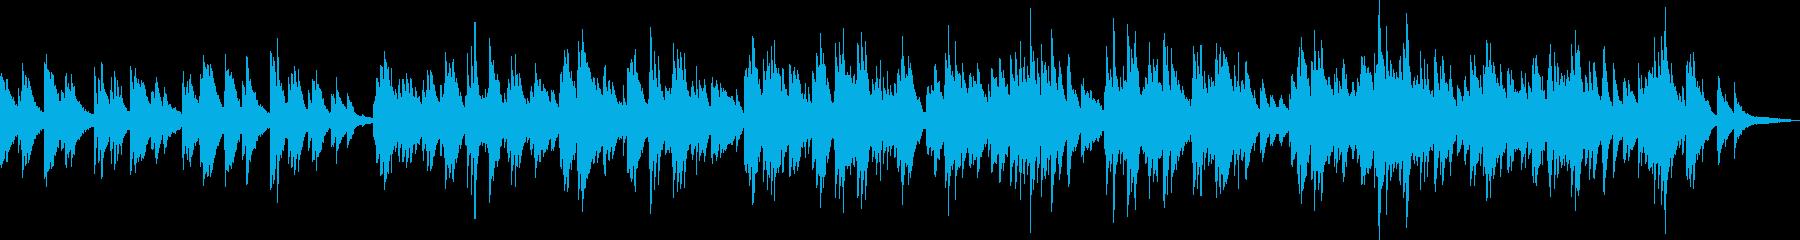 心温まるピアノ曲(優しい・励まし)の再生済みの波形